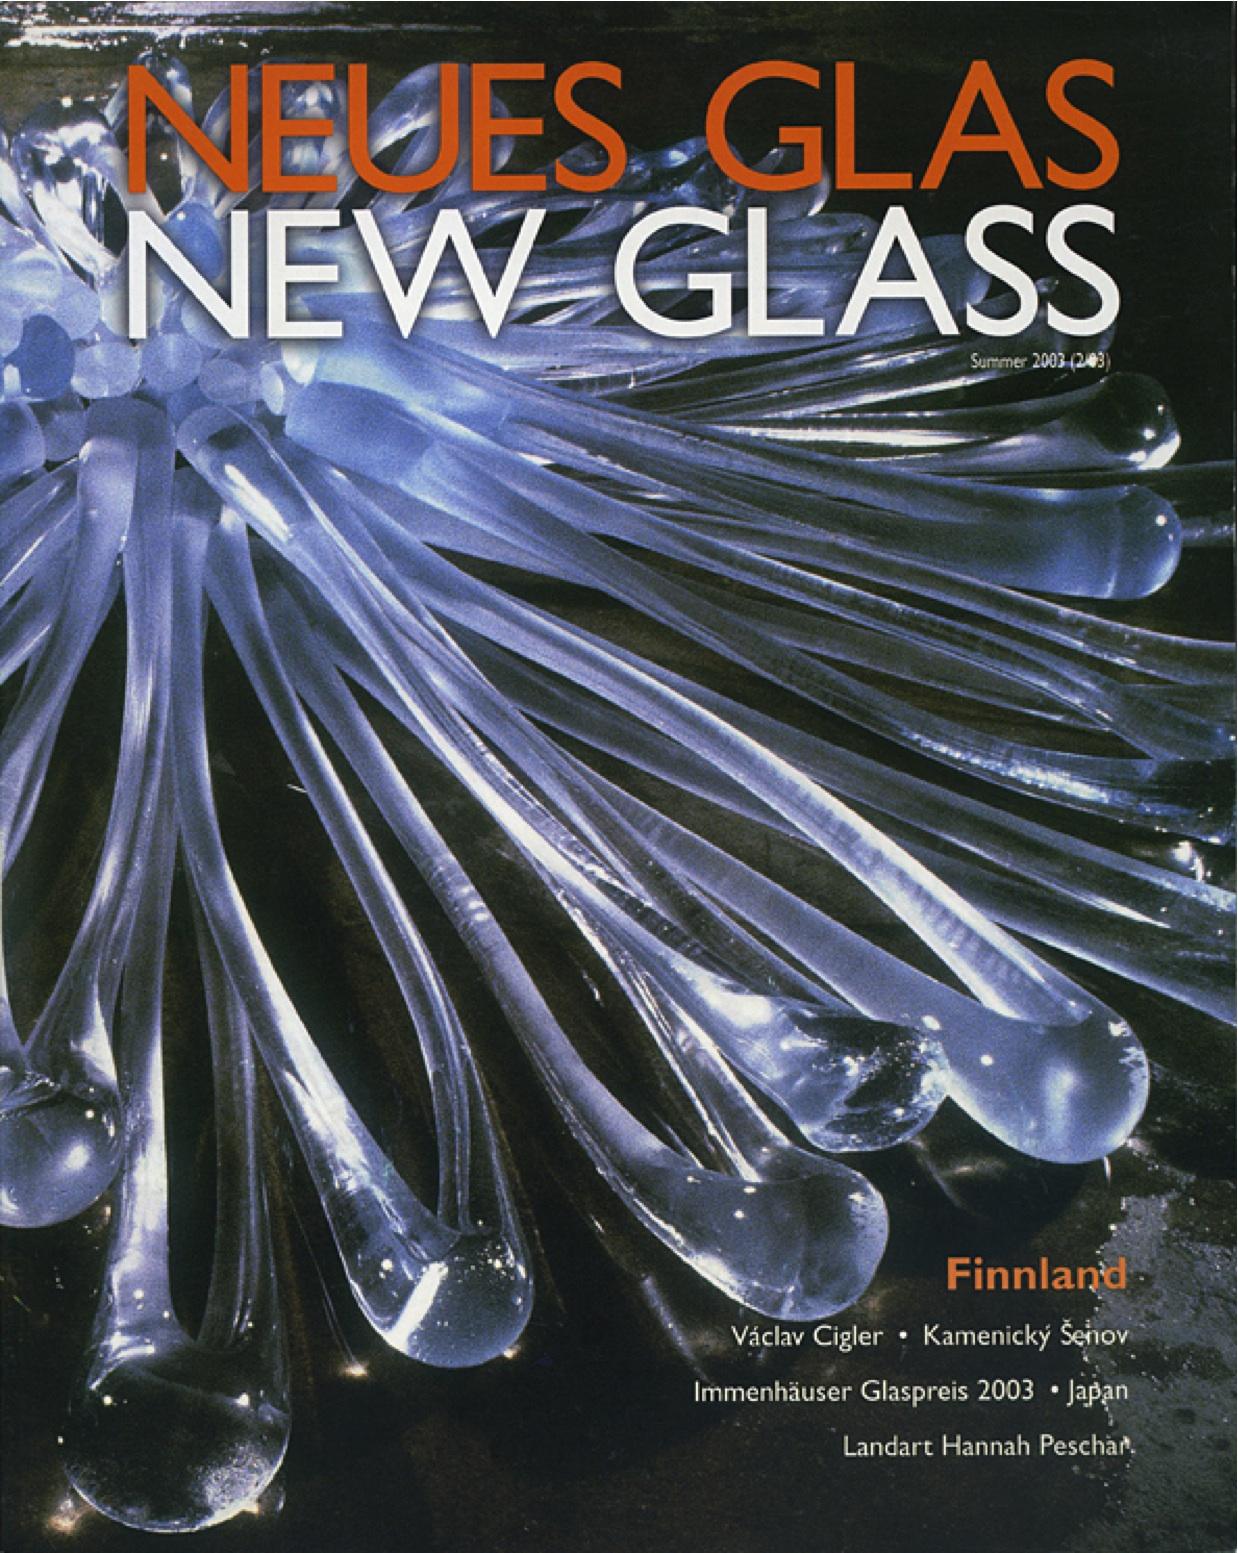 New-Glass-2003 pg1.jpg